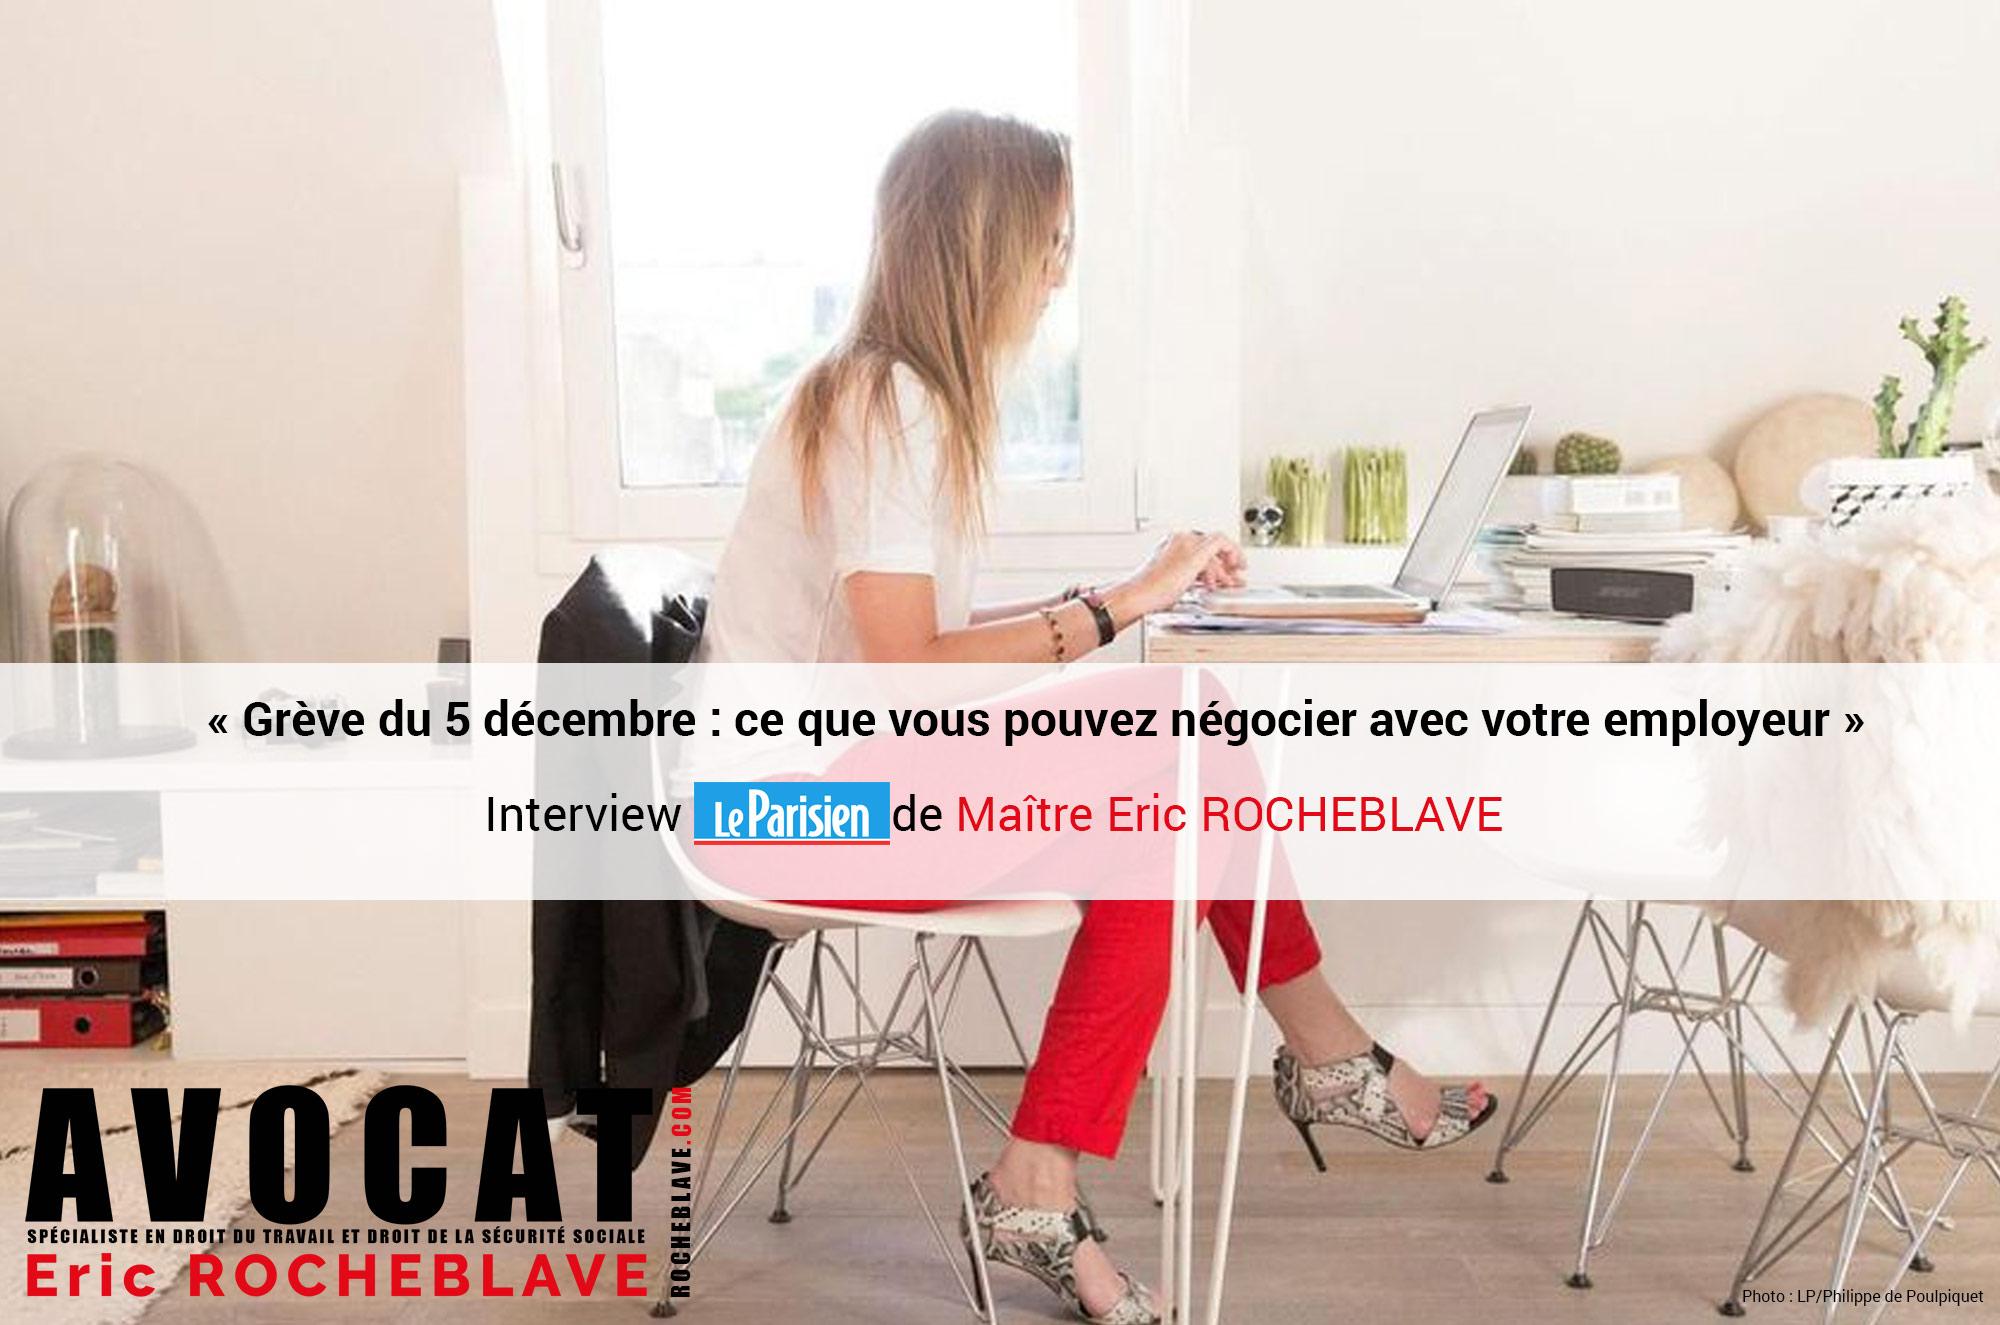 « Grève du 5 décembre : ce que vous pouvez négocier avec votre employeur » Interview Le Parisien de Maître Eric ROCHEBLAVE